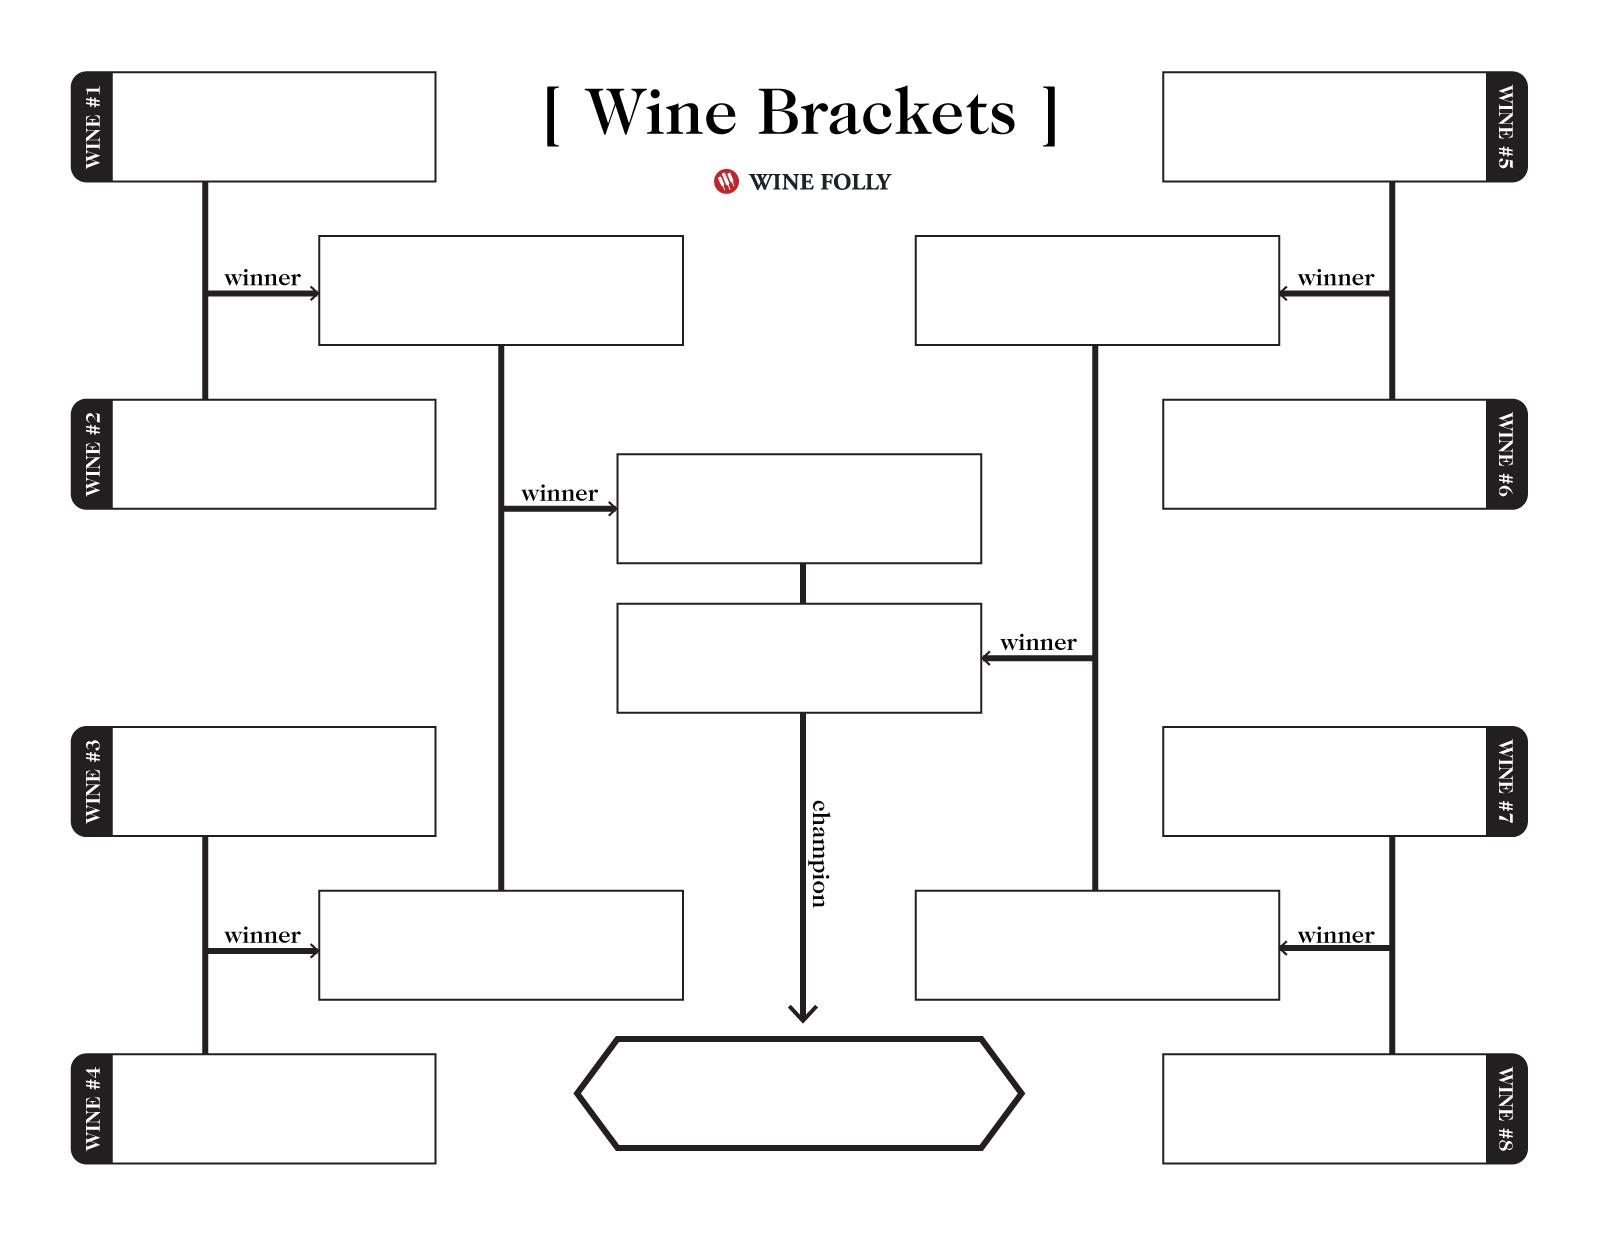 Wine Brackets - Madness Scorecard PDF by Wine Folly